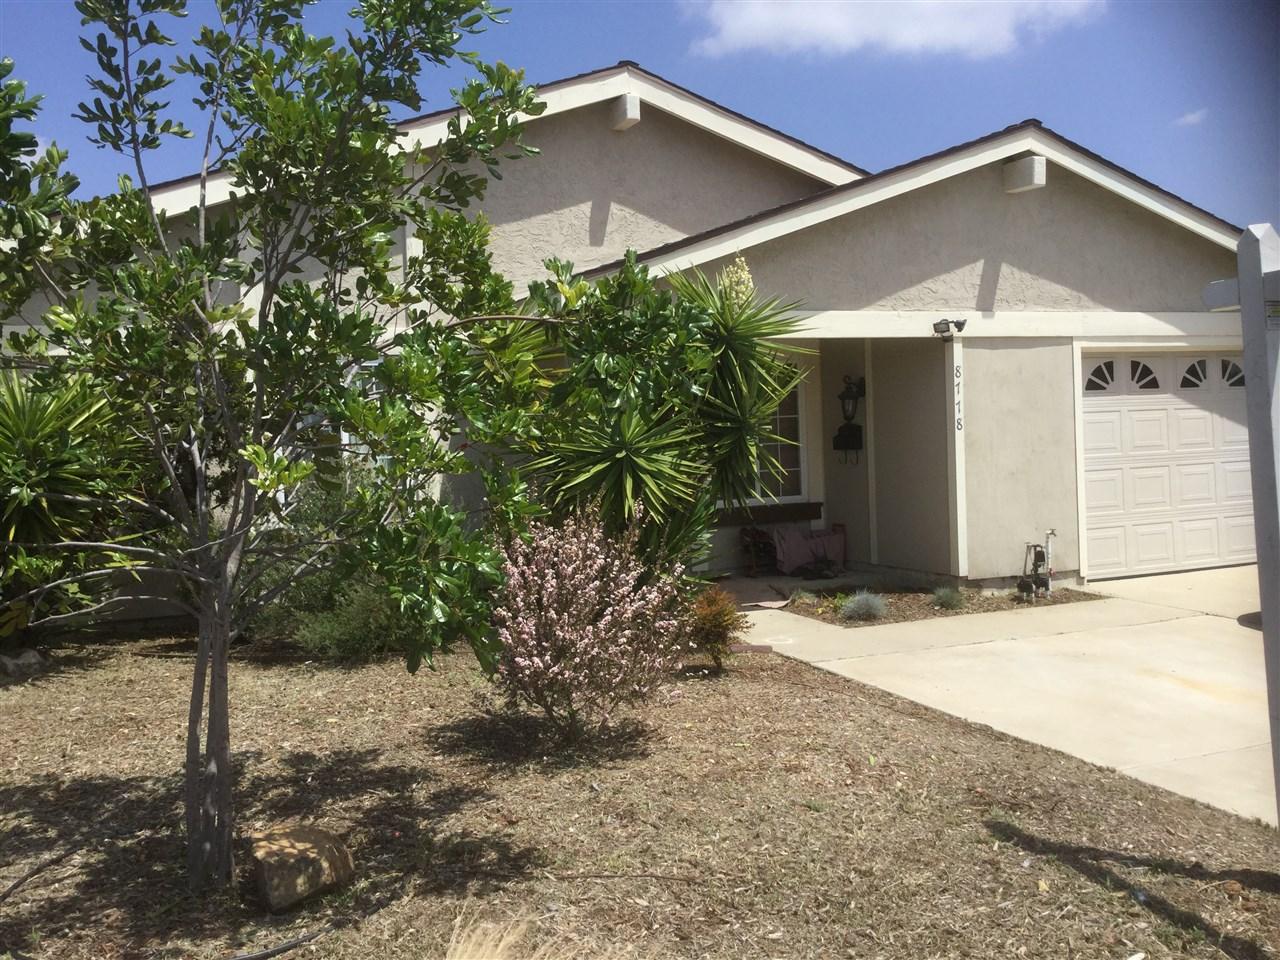 8778 Westmore Rd, San Diego, CA